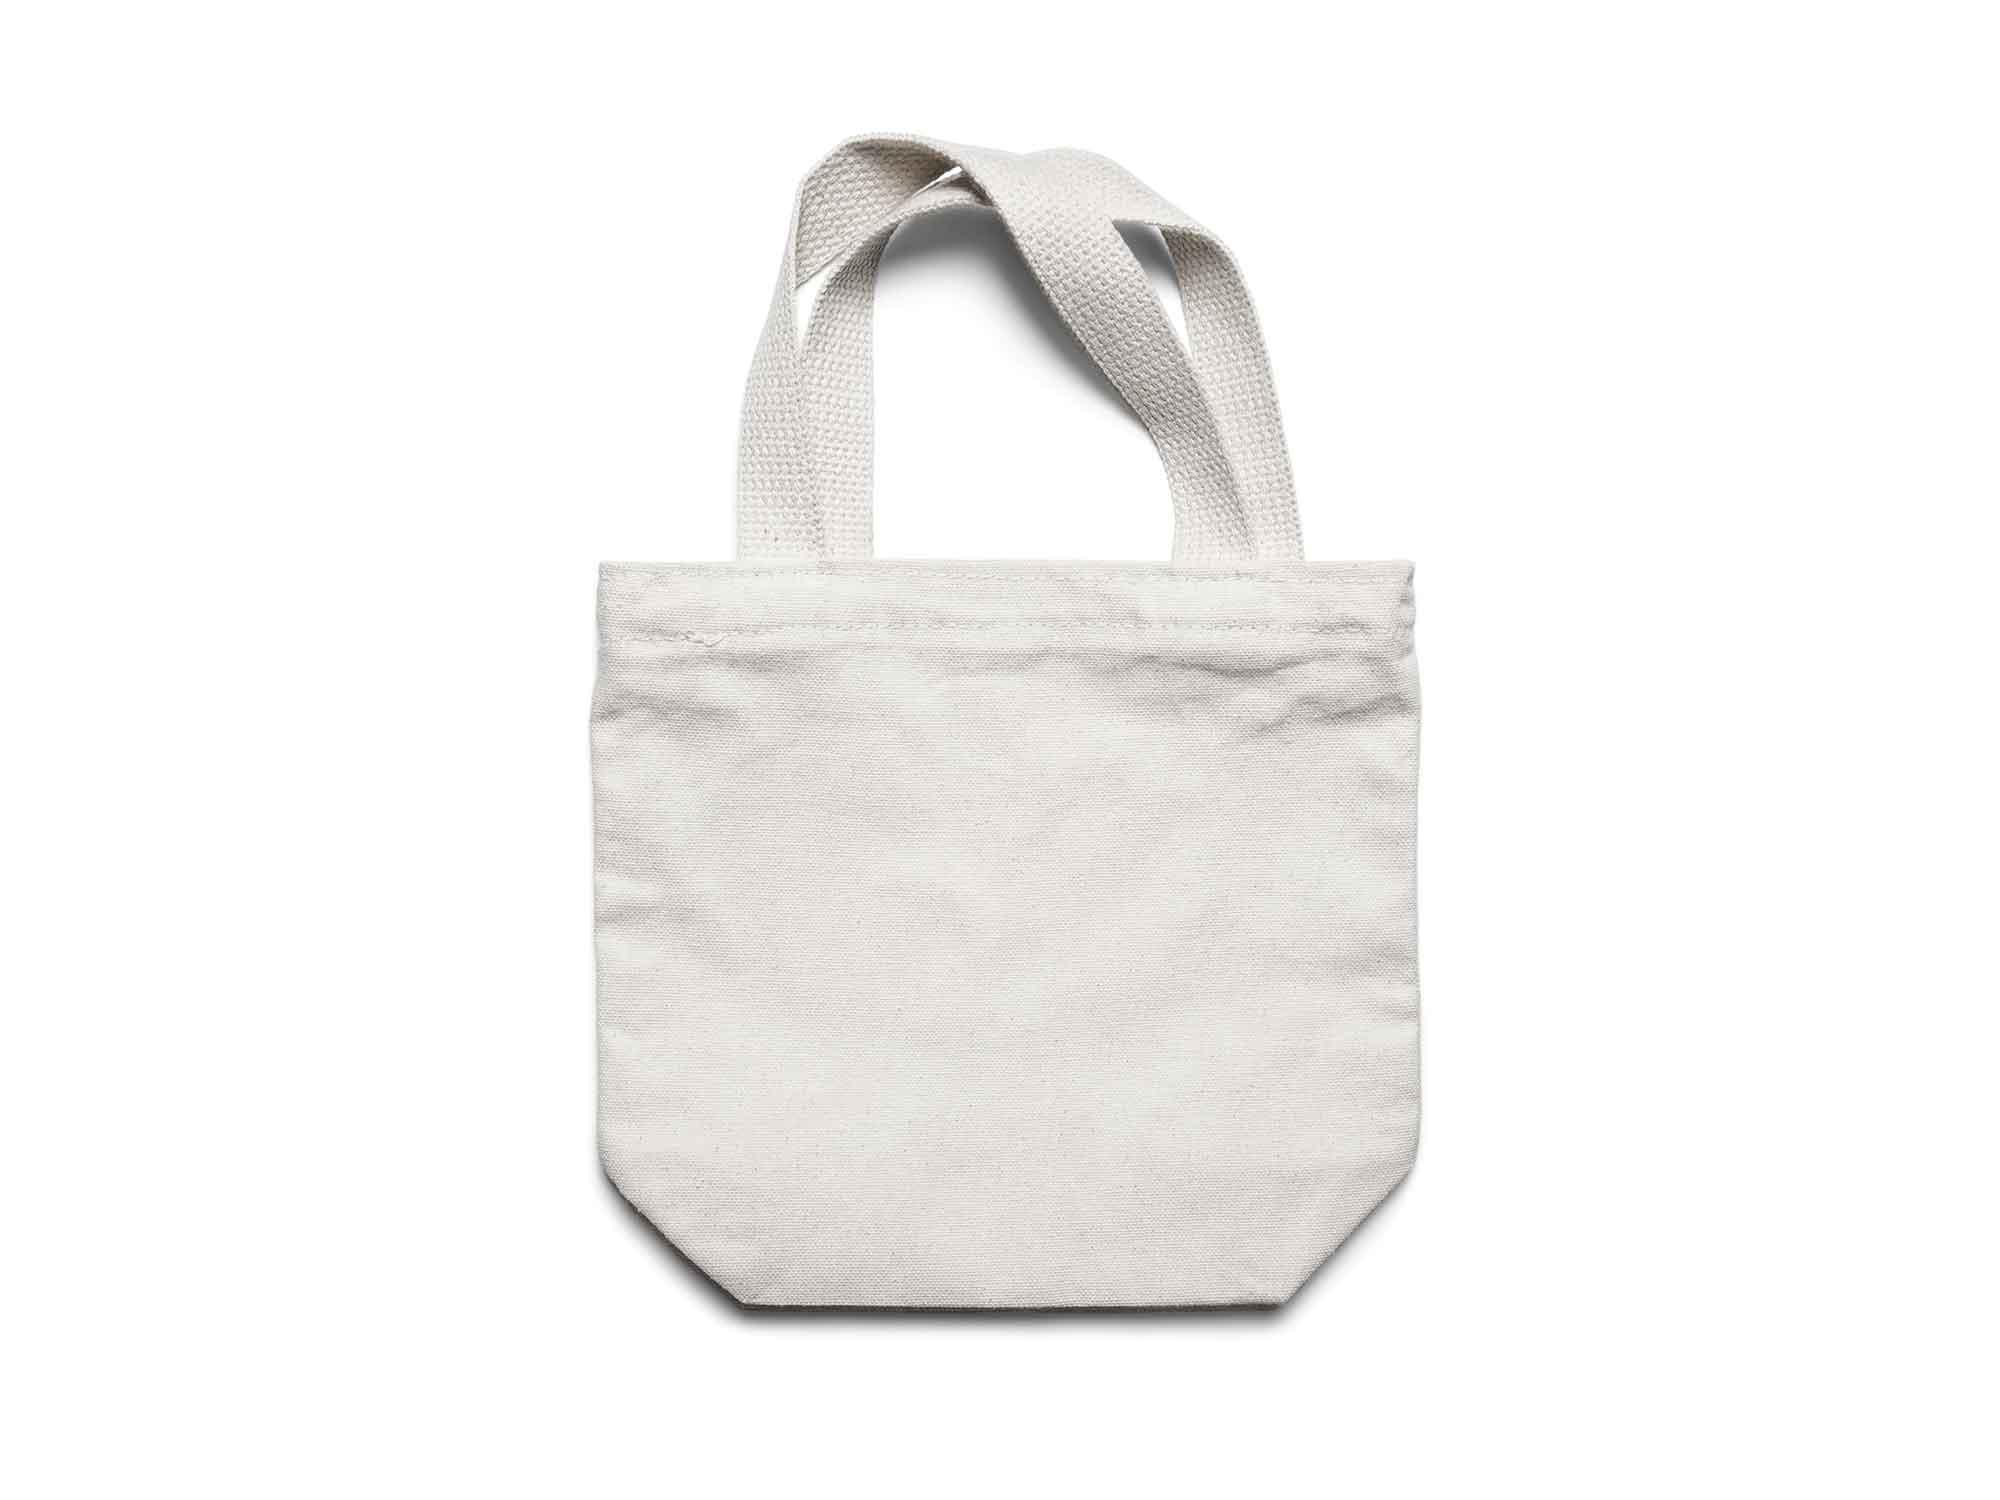 Small Canvas Tote Bag Mockup 2